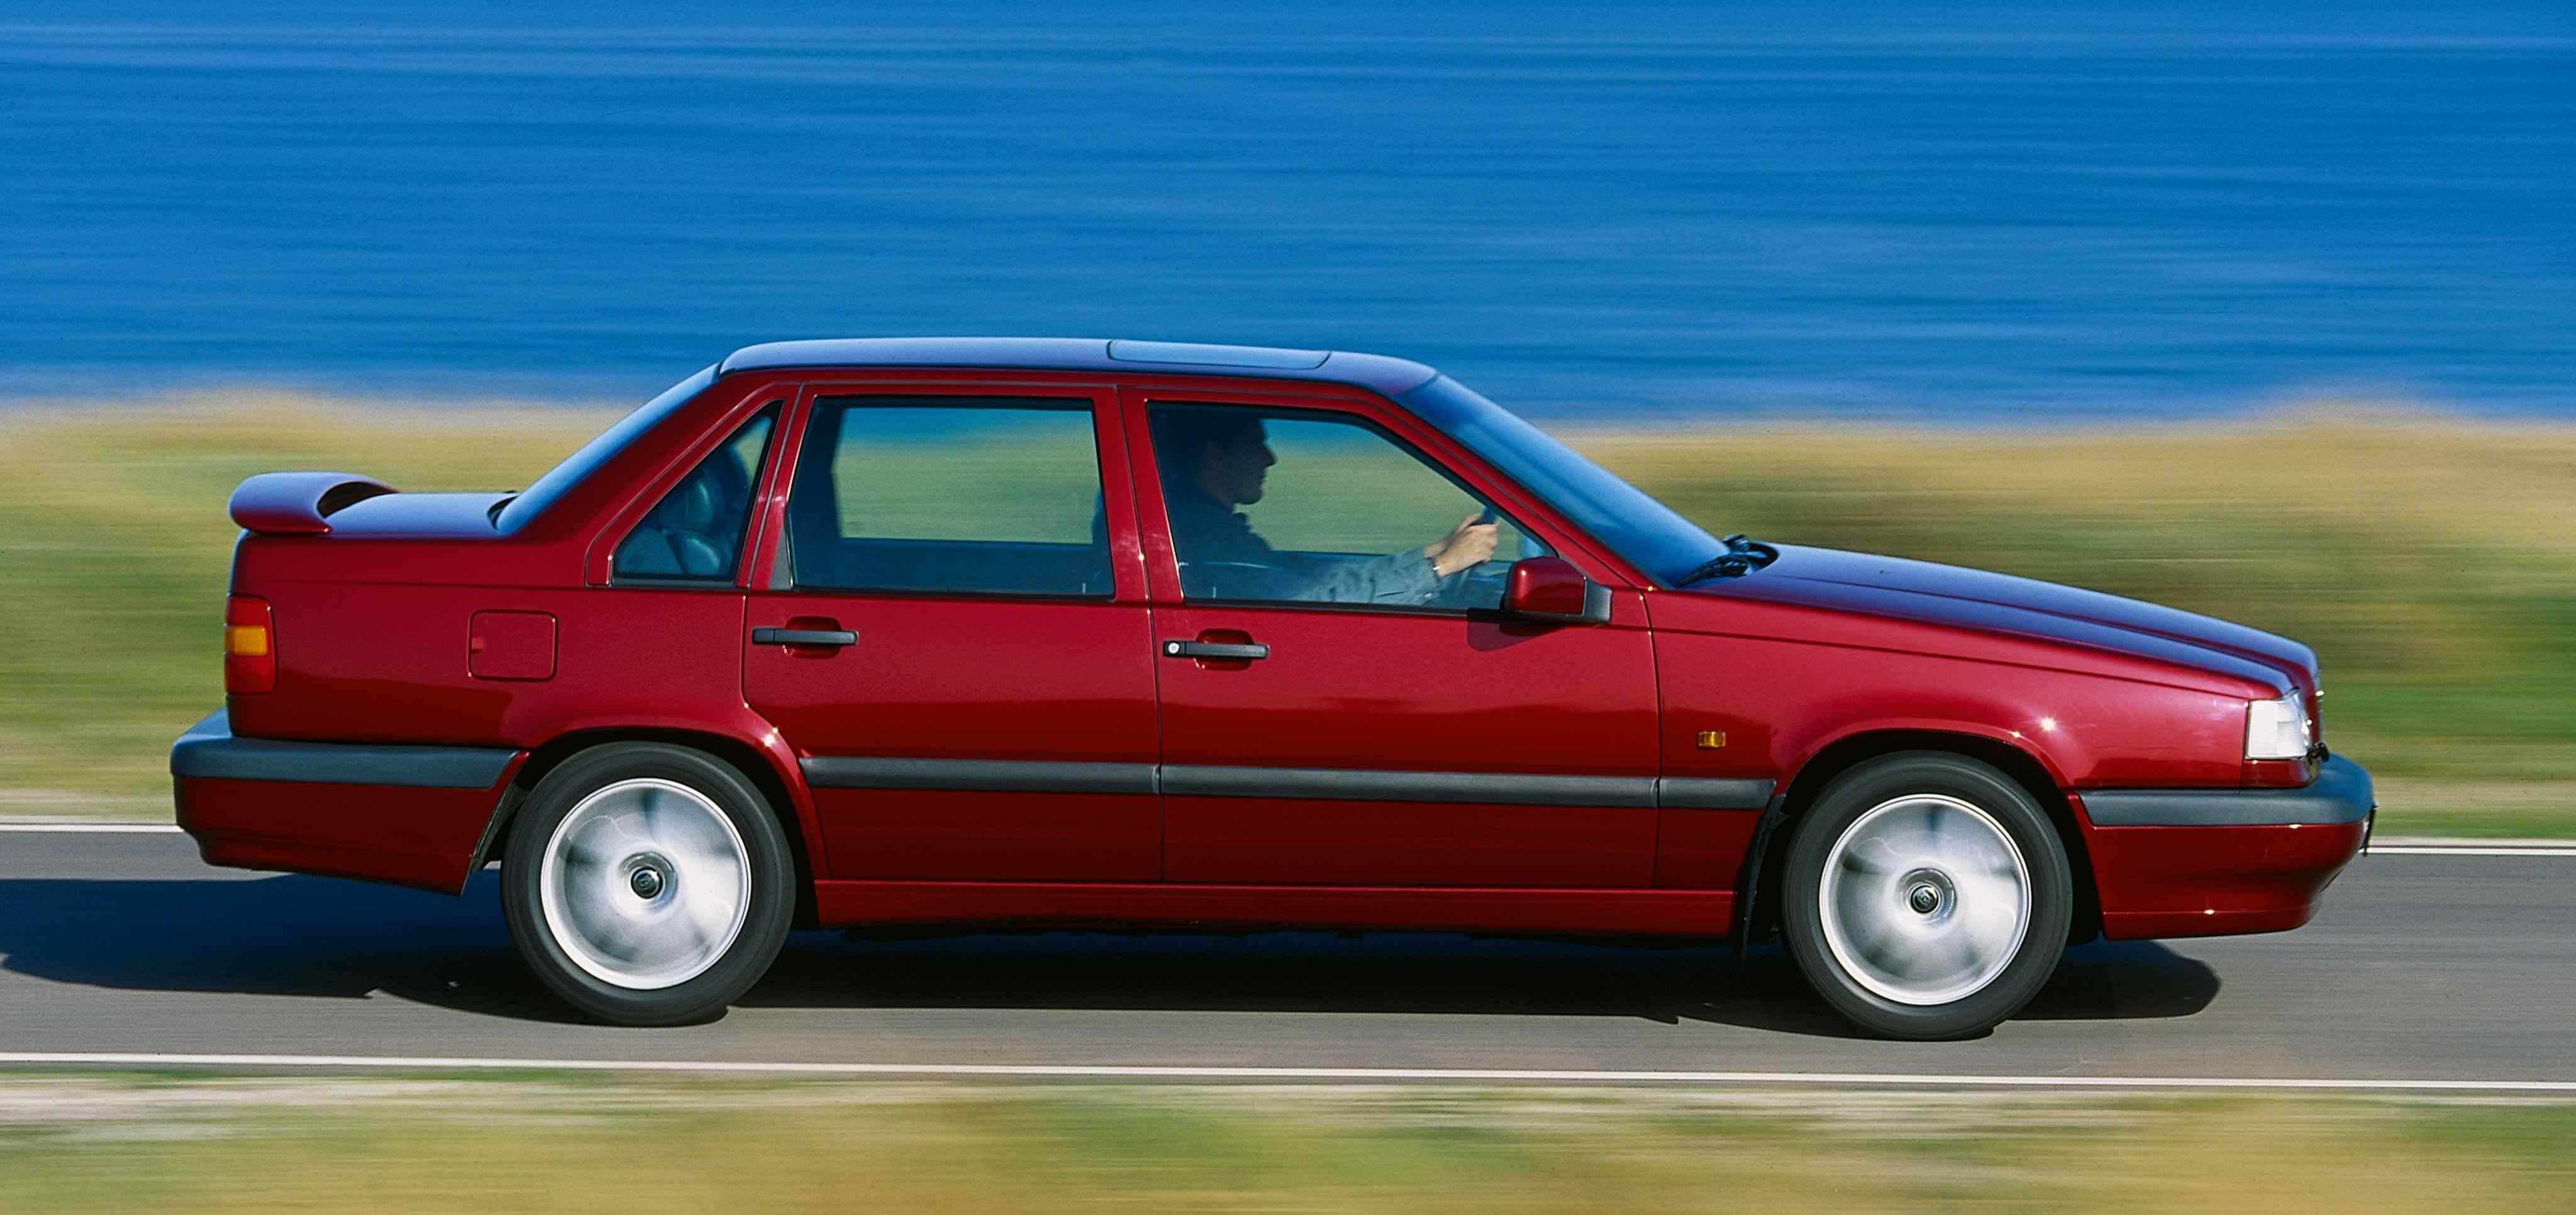 Un Volvo 850 sedán de color rojo conducido a lo largo de una carretera junto al mar